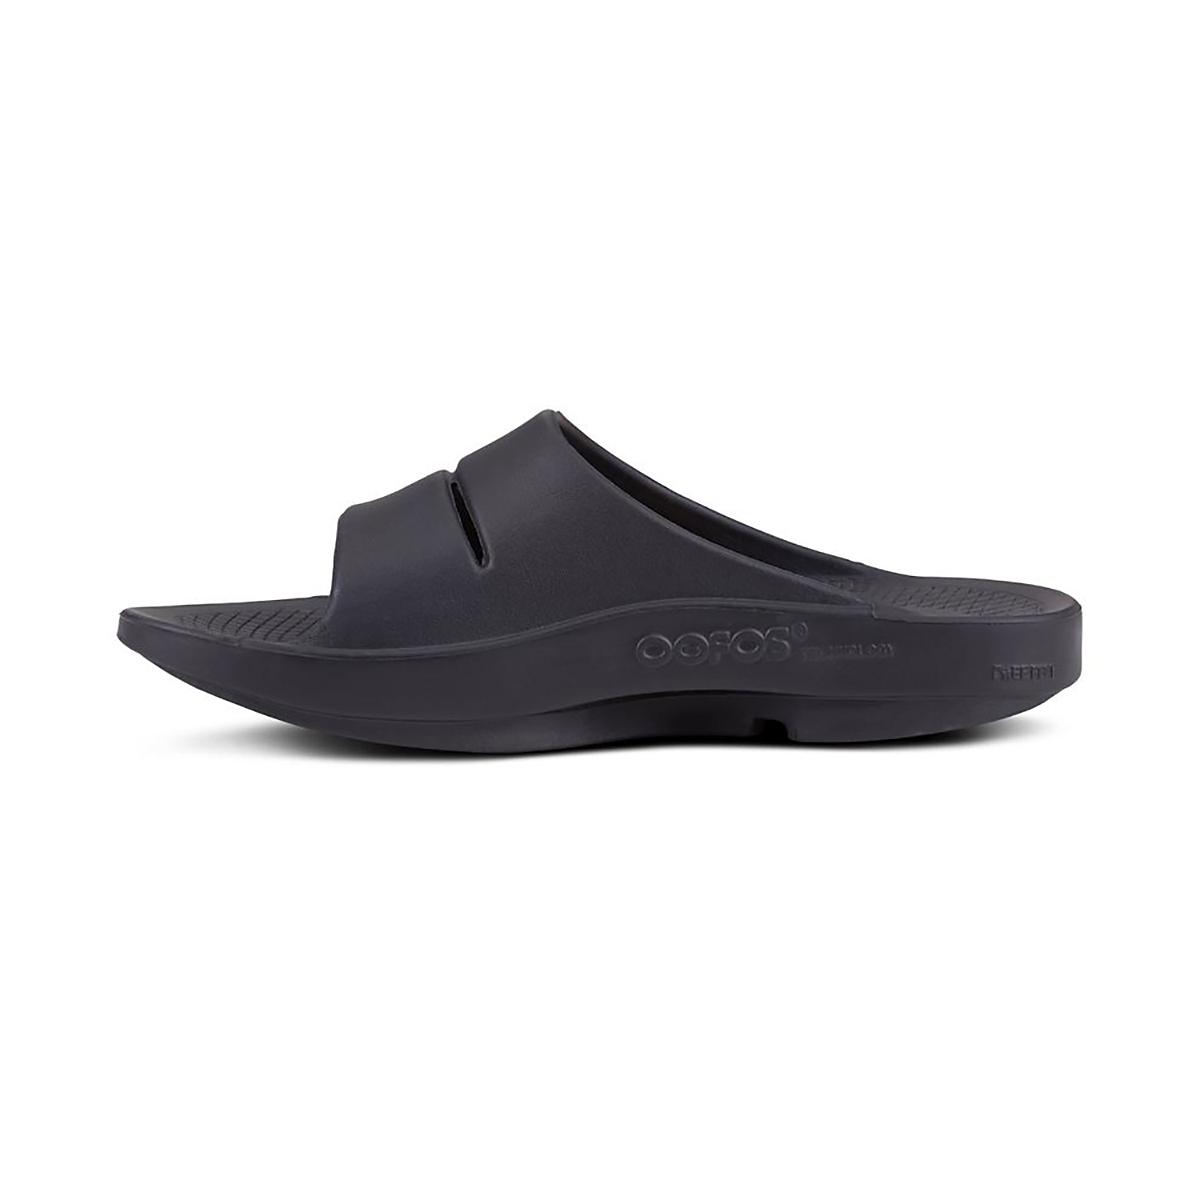 Oofos OOahh Sport Slide Recovery Sandal - Color: Black/Matte - Size: M3/W4.5 - Width: Regular, Black/Matte, large, image 2